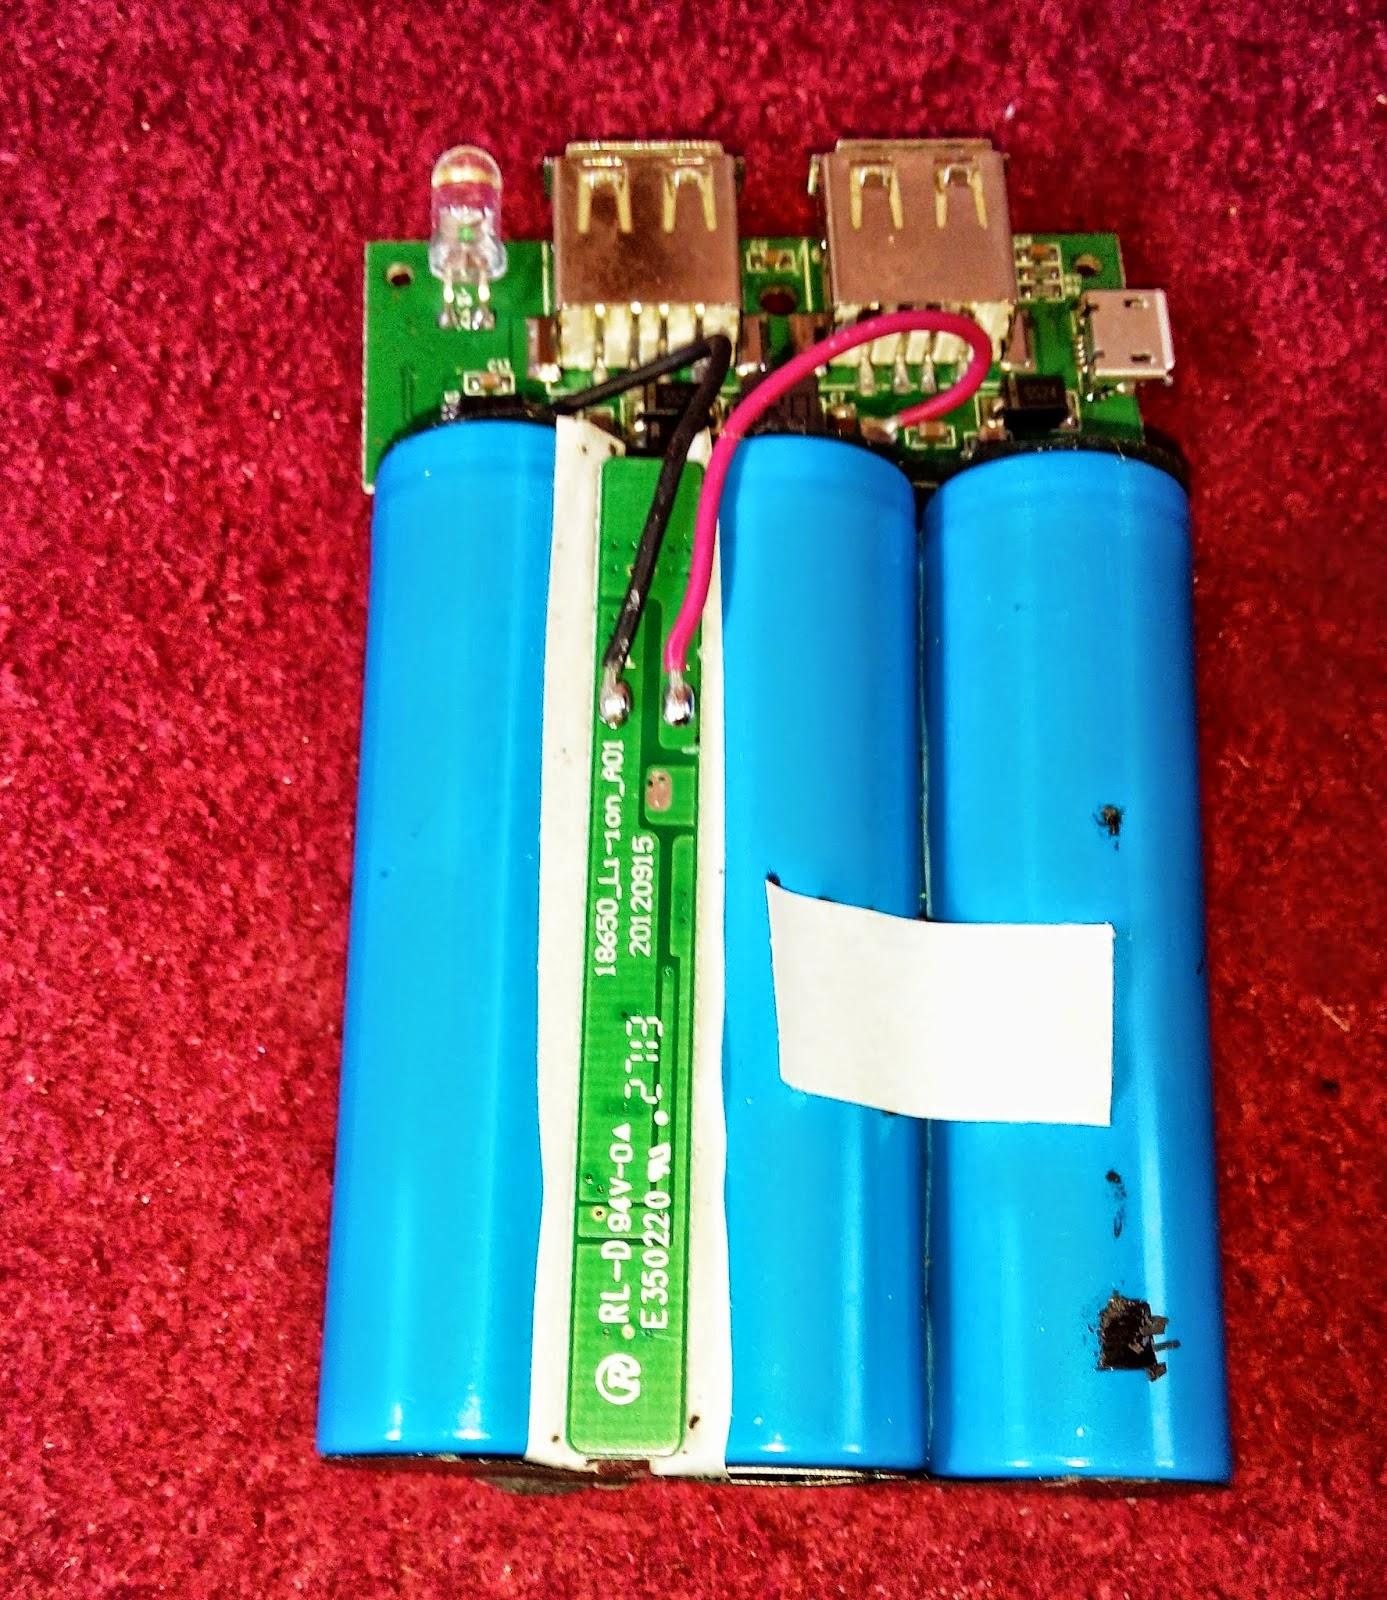 Baterai Powerbank lebih dari ukuran A2